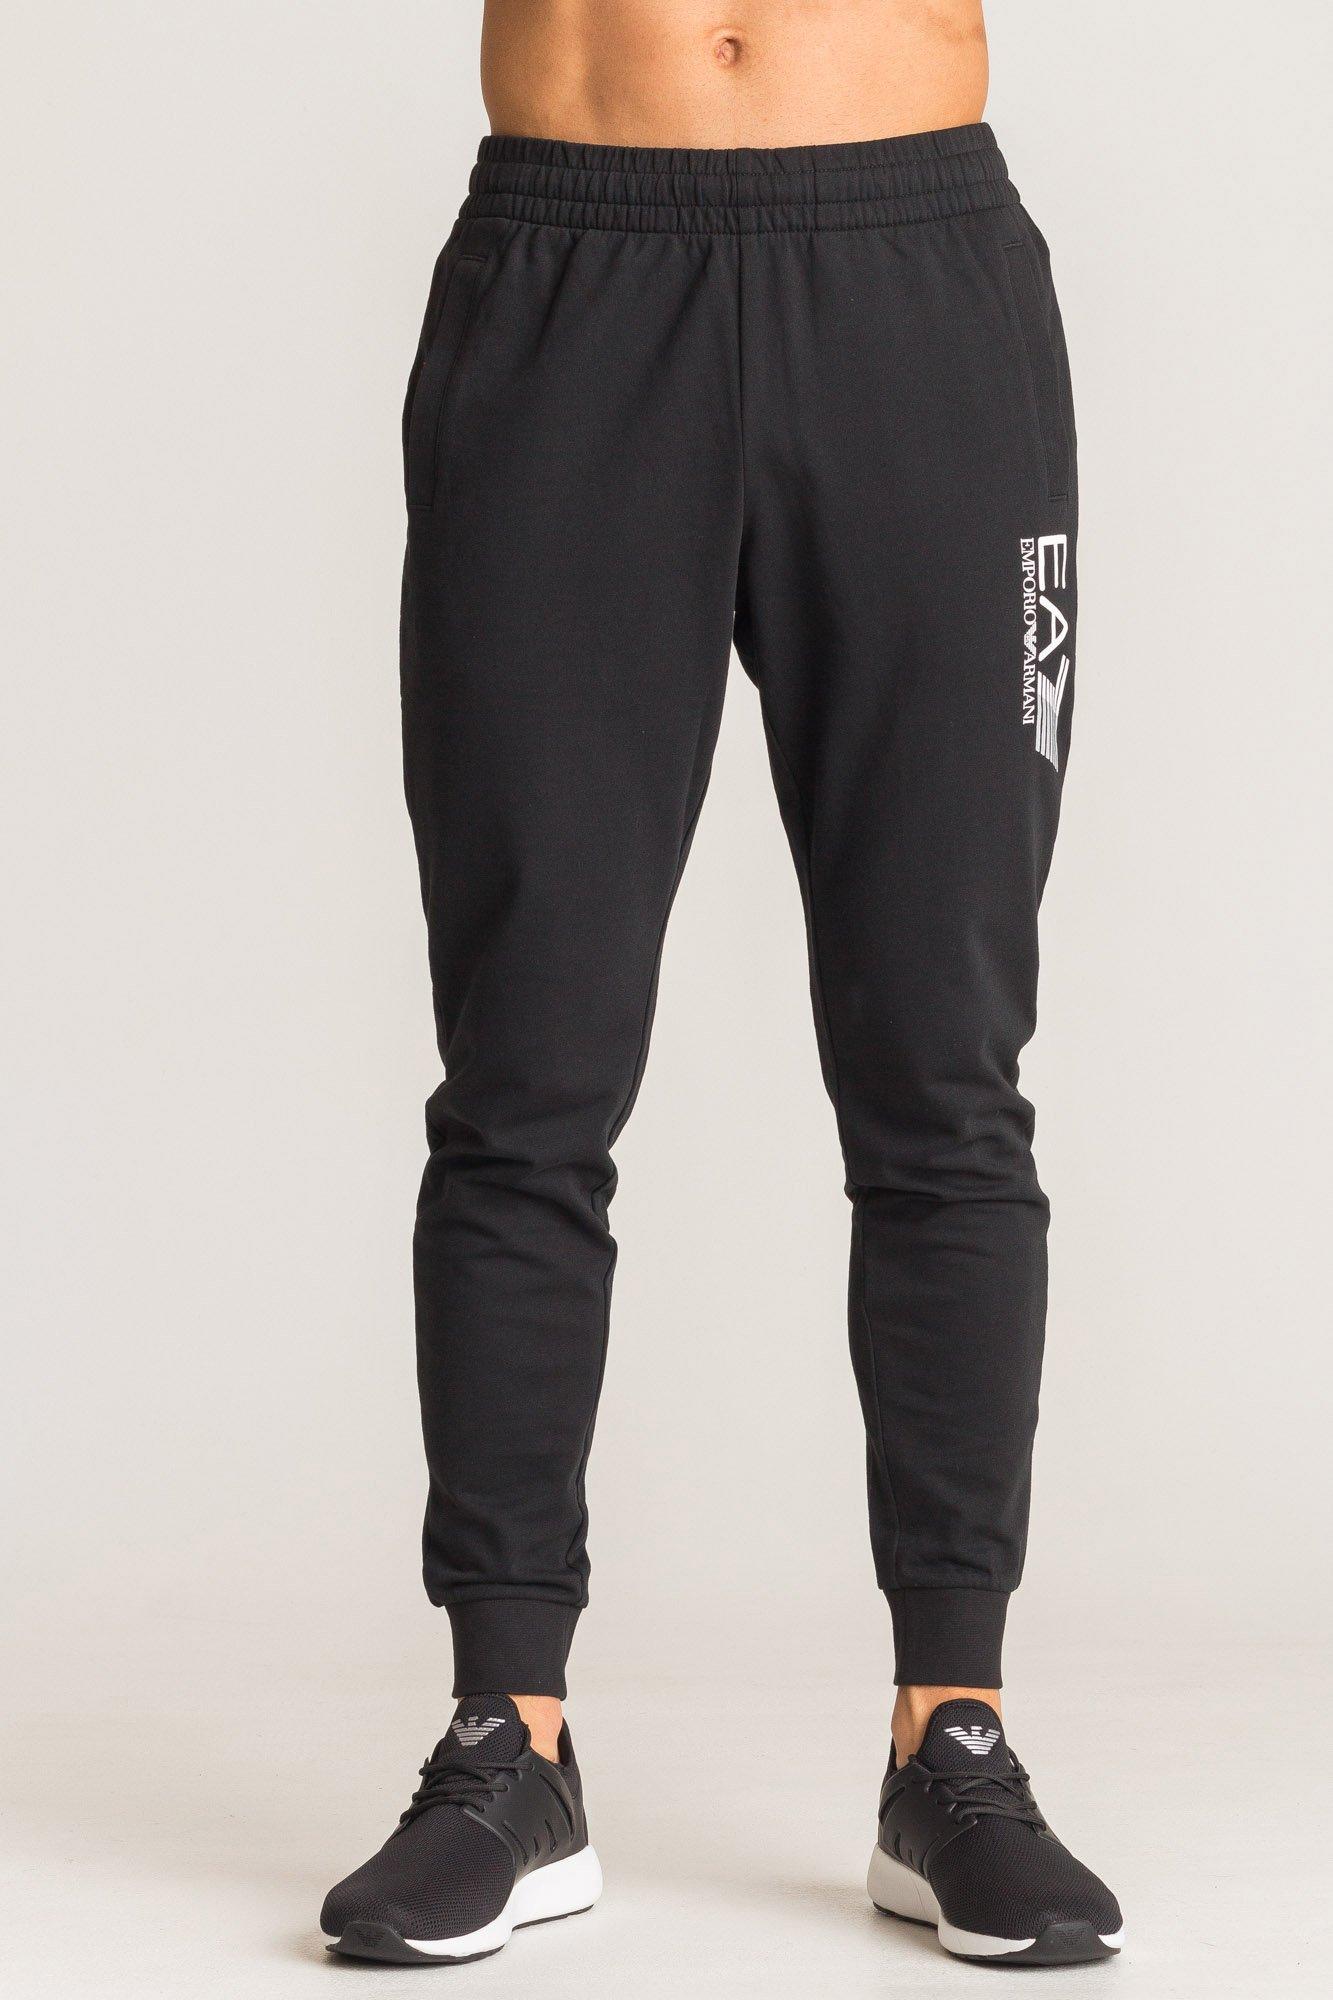 044aef4e0842 Czarne spodnie dresowe EA7 z białym logo marki Markowa odzież  w .. ... 260a3b7d9b3